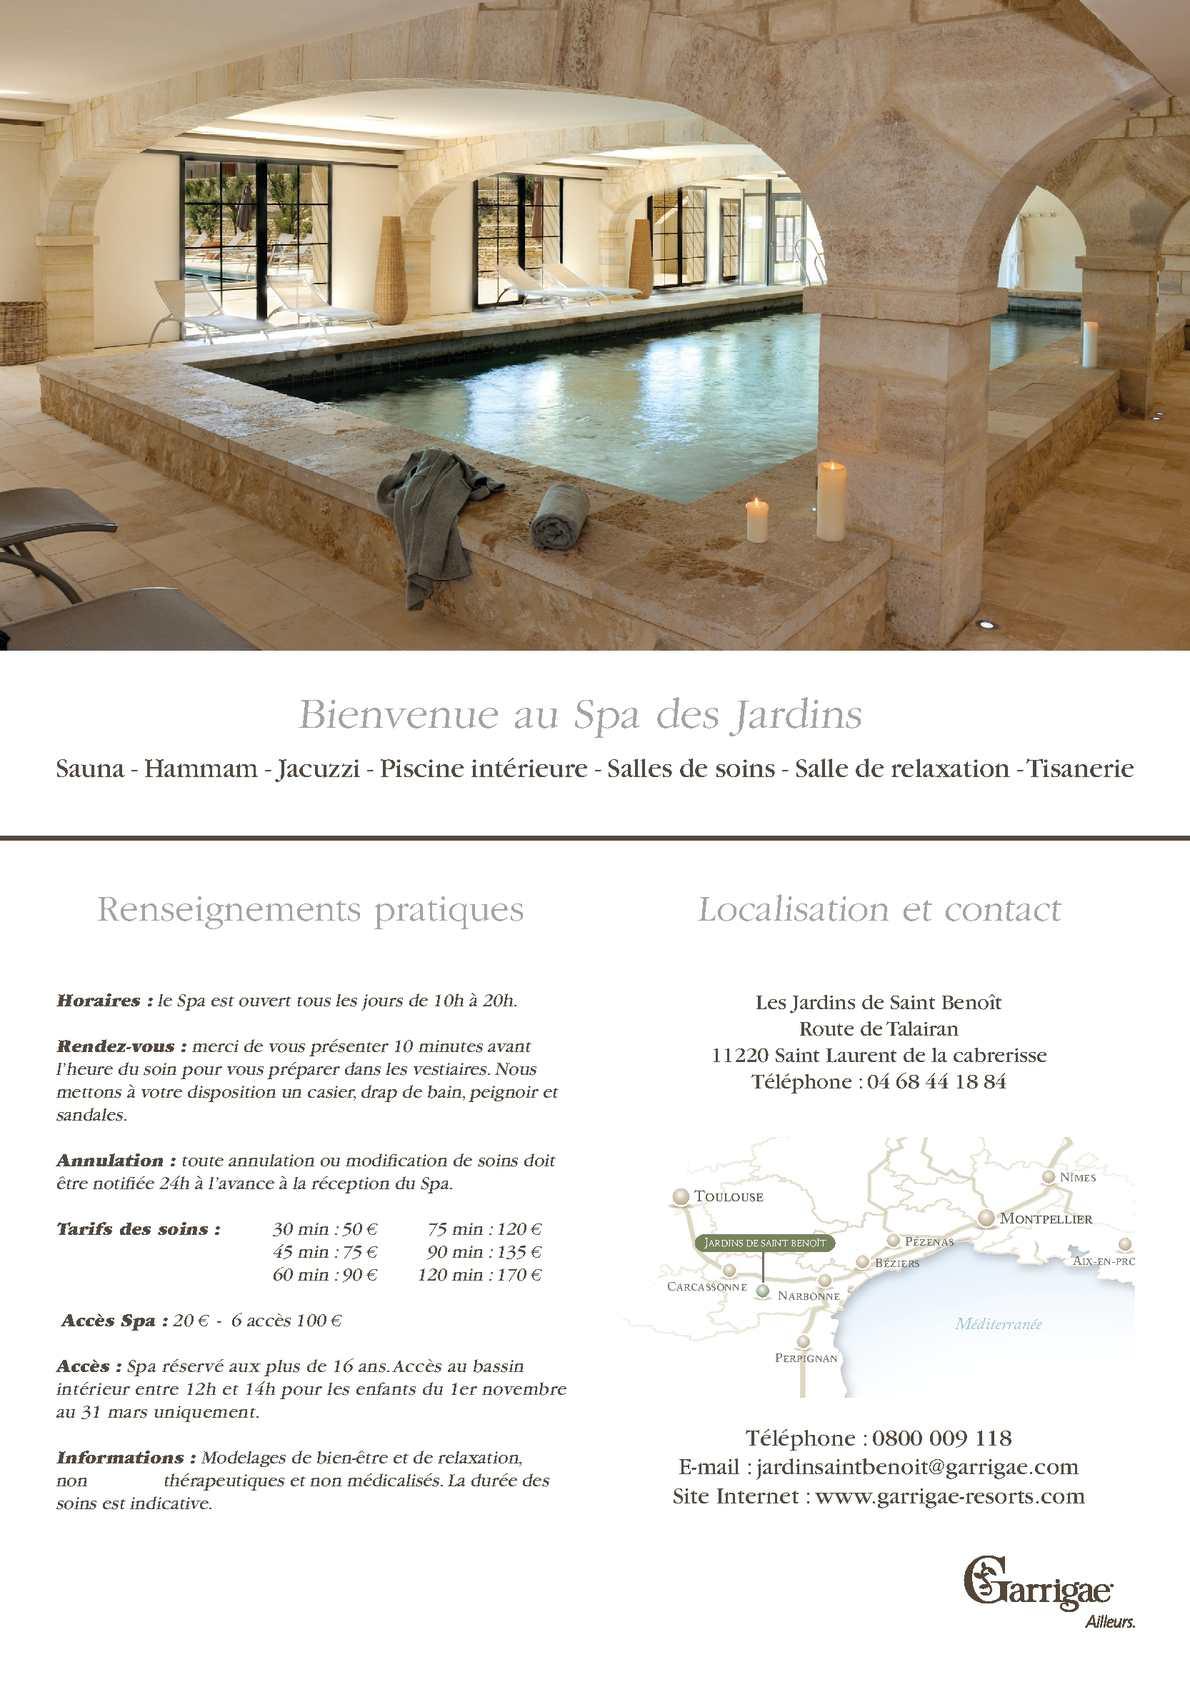 Calaméo - Carte Des Soins Jardins De Saint Benoit dedans Les Jardins De Saint Benoit Carcassonne